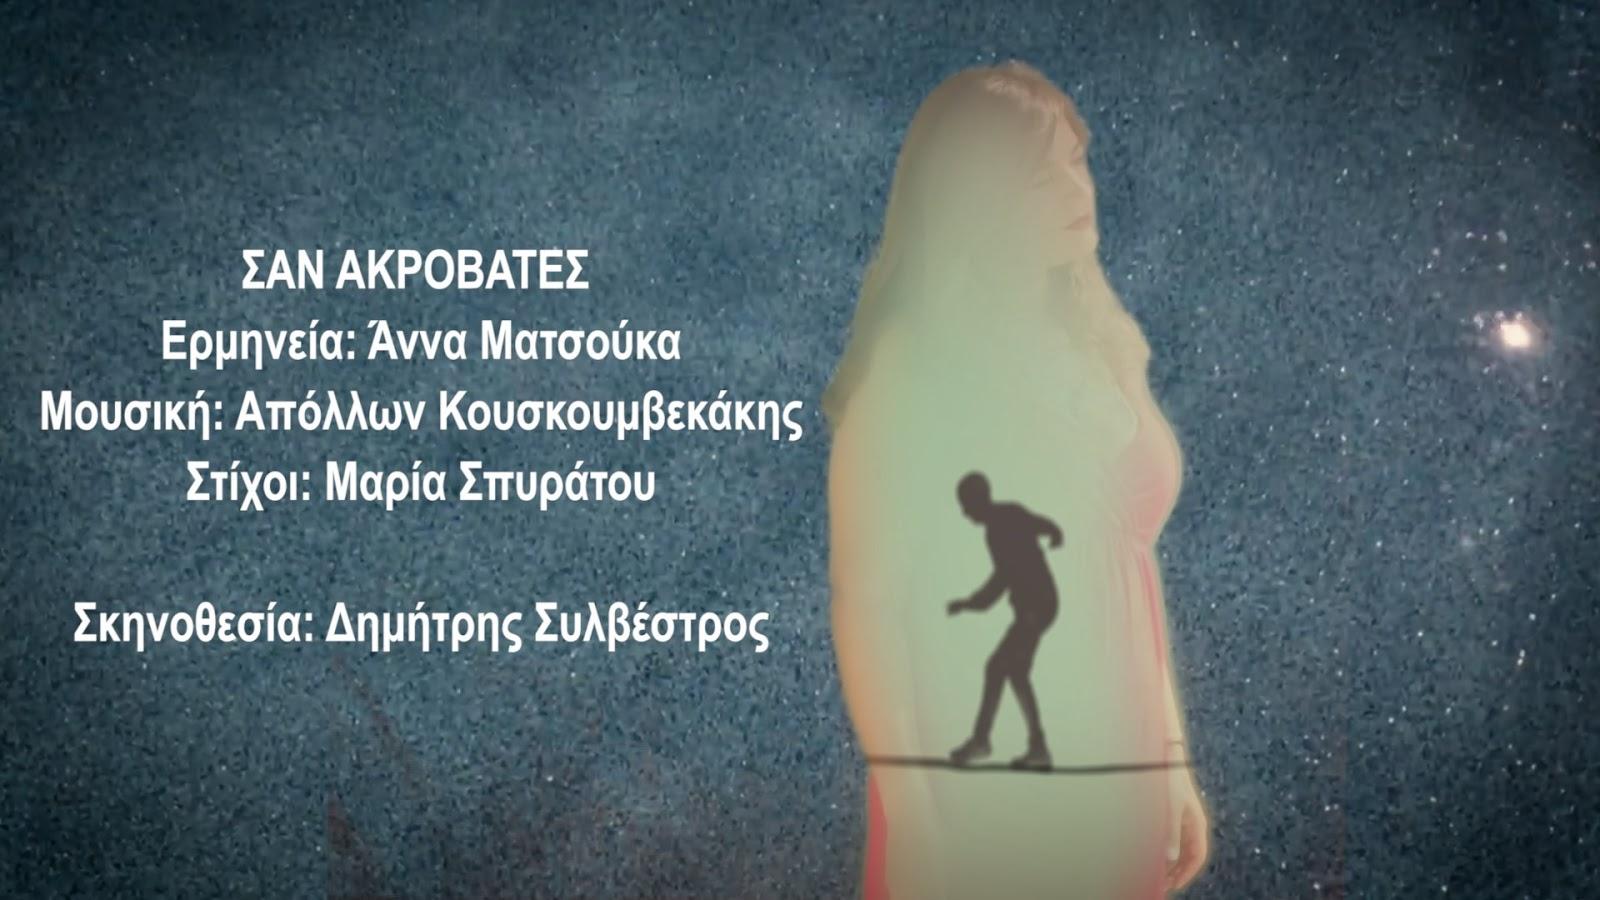 Άννα Ματσούκα – Απόλλων Κουσκουμβεκάκης «Σαν ακροβάτες» - Νέο single (VIDEO)